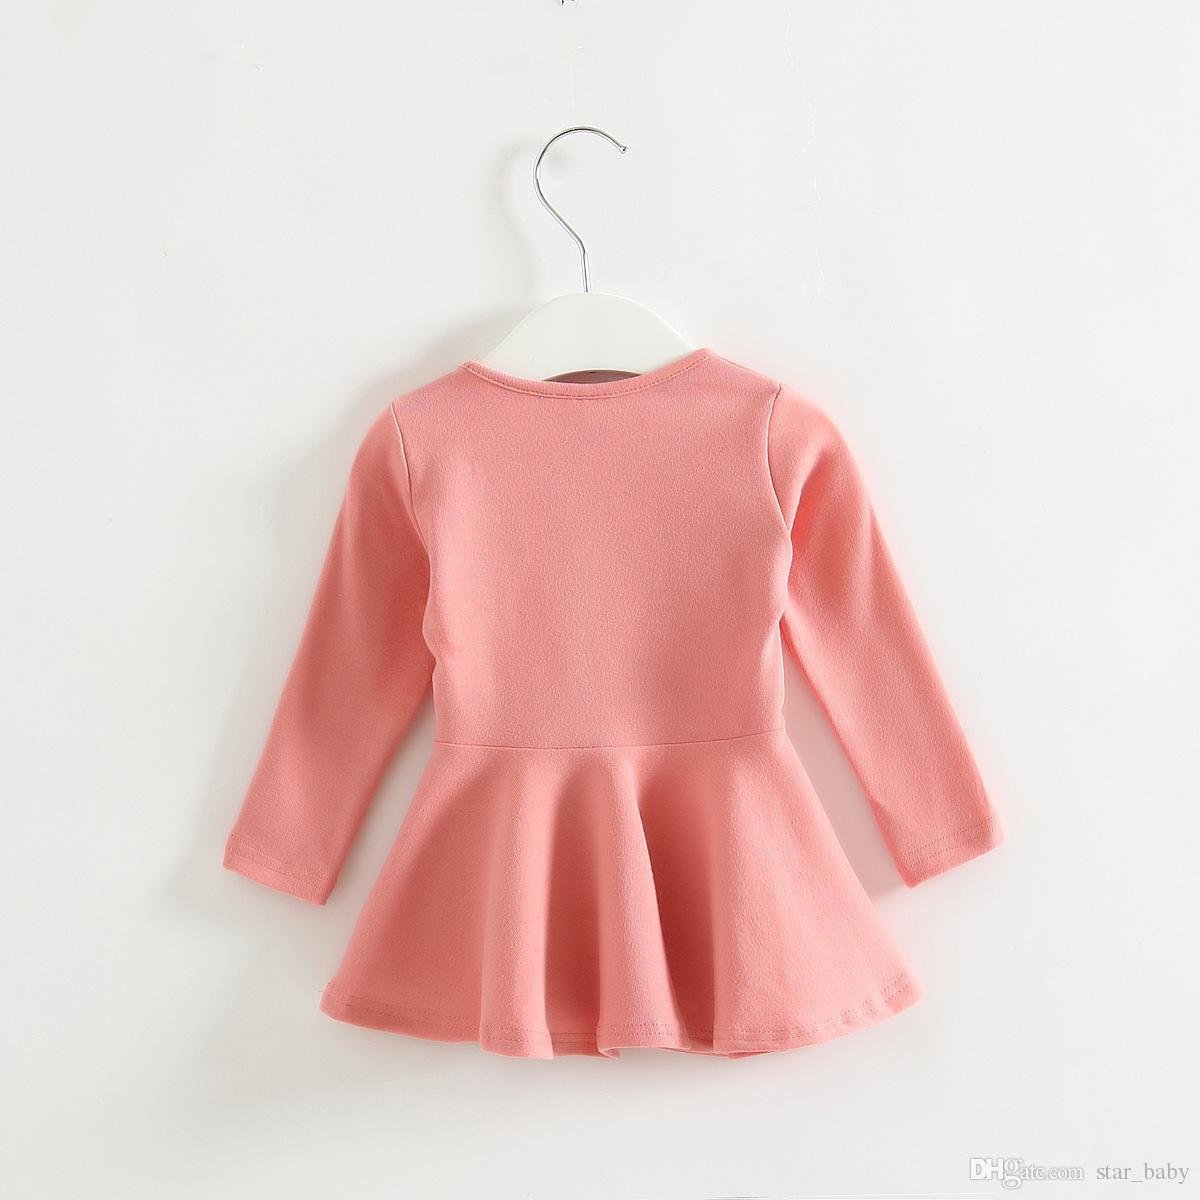 2015 Moda Elbiseler Katı Kız Elbise Prenses Eğlence Temel Aşınma Kolsuz Çocuk Çocuk Elbise Elbise Pembe Beyaz Fuşya Gri K5009